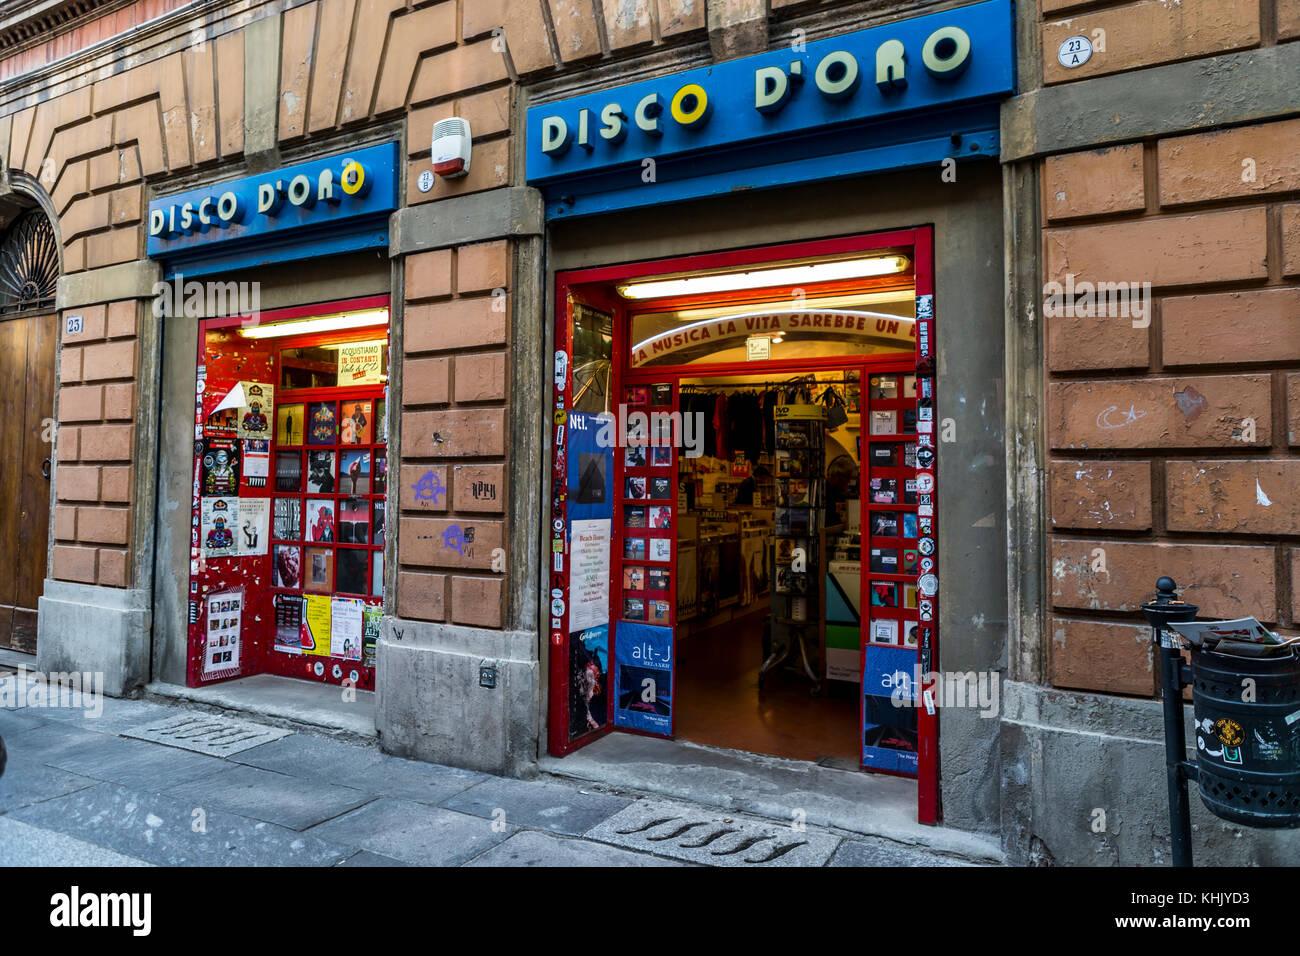 Vinyl record shop Disco D'Ora, Bologna, Italy Stock Photo